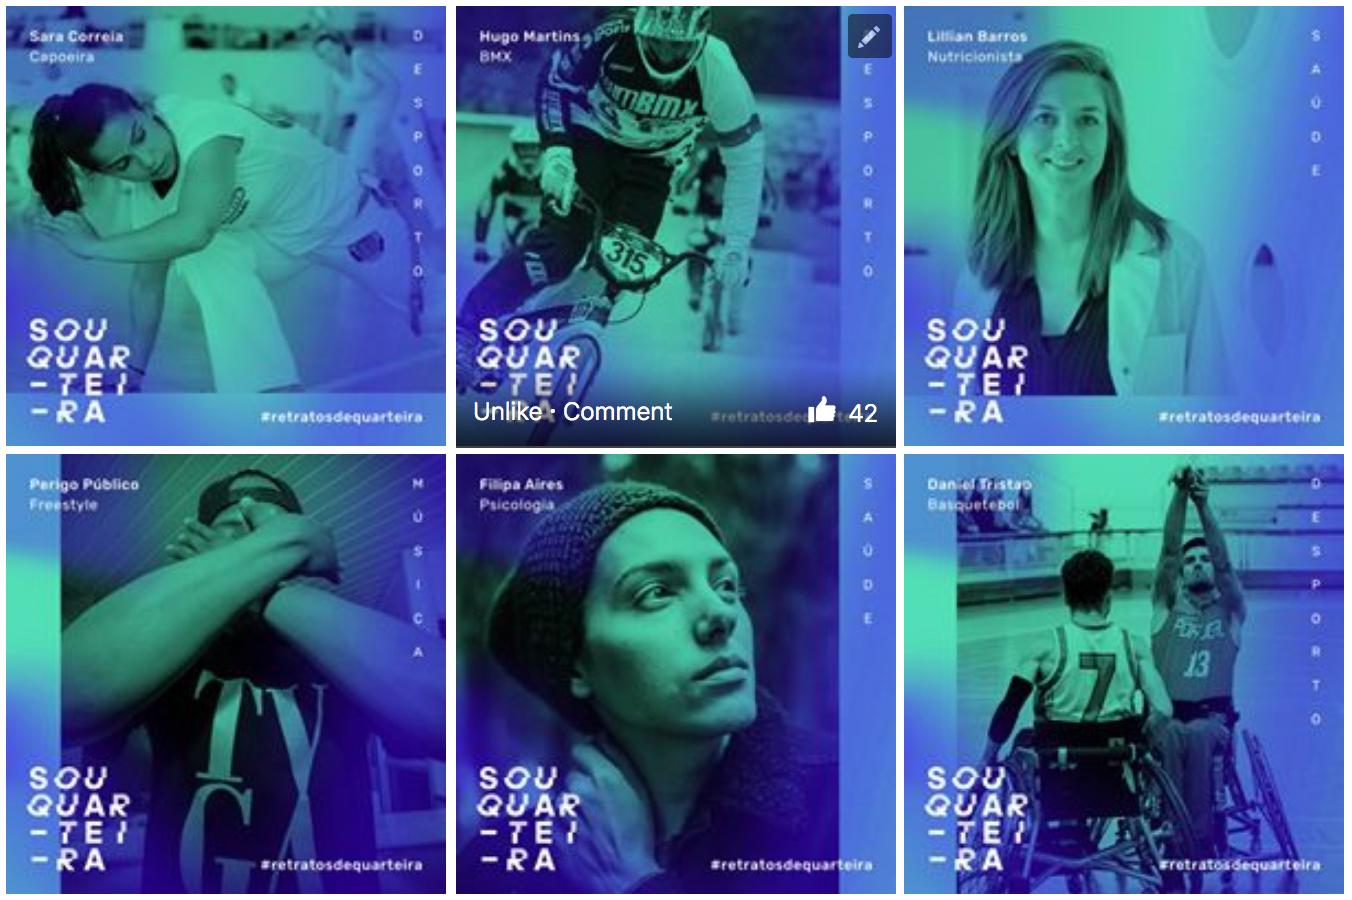 CAMPANHA SOCIAL - A campanha social Retratos dá voz a todos os indivíduos que elevam o nome da cidade. Desde os que viajaram na procura dos sonhos, aos que ficaram e dão vida à cidade, e até aos que a cidade adotou. Trata-se de uma série de retratos e testemunhos de indivíduos influentes em diversas áreas: política, arte, música, desporto, empreendedorismo, investigação, etc.Facebook Instagram